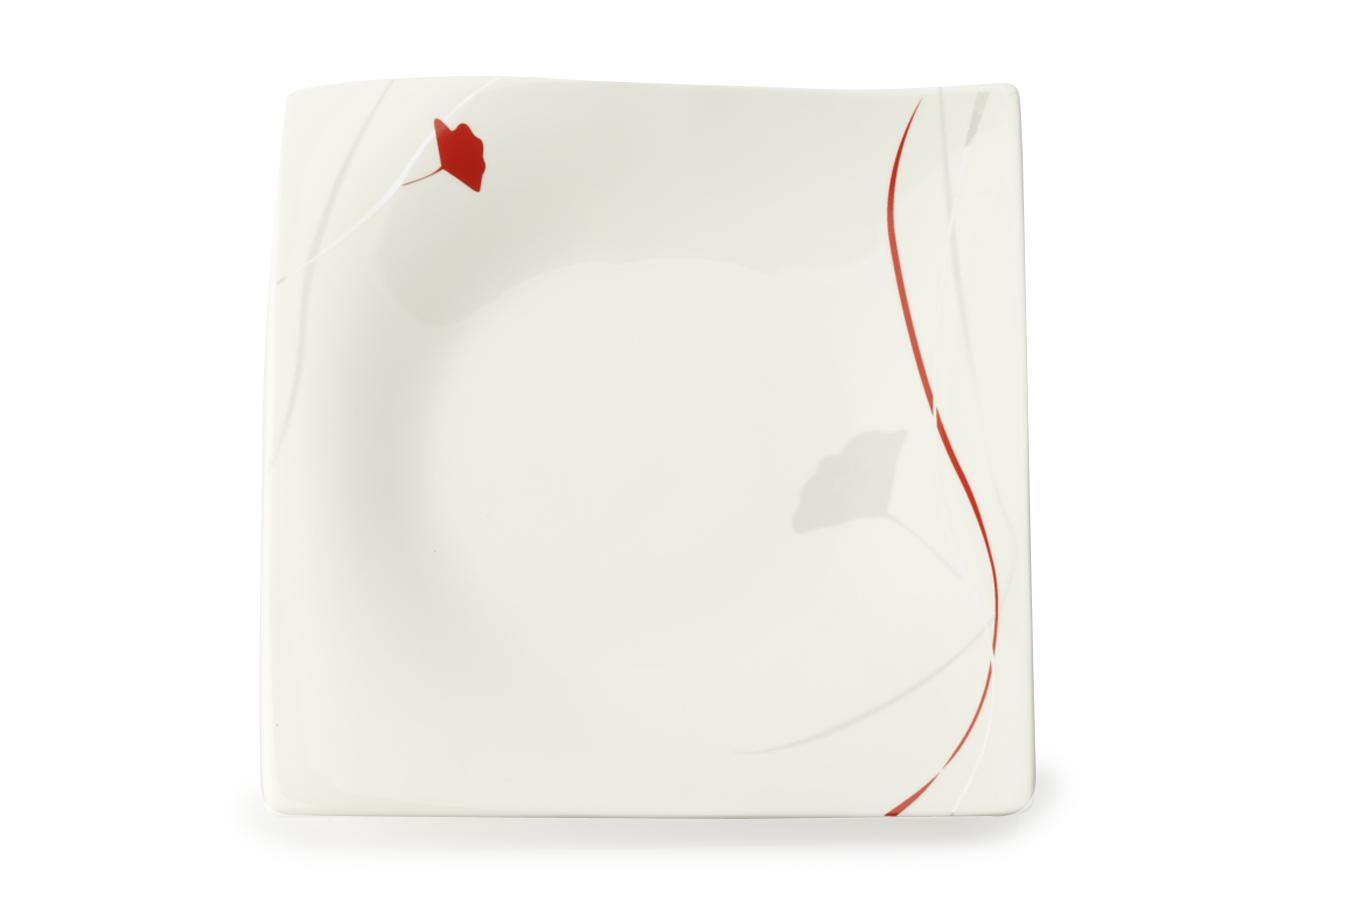 Čtvercový dezertní talíř Passion 18 x 18 cm - Maxwell&Williams